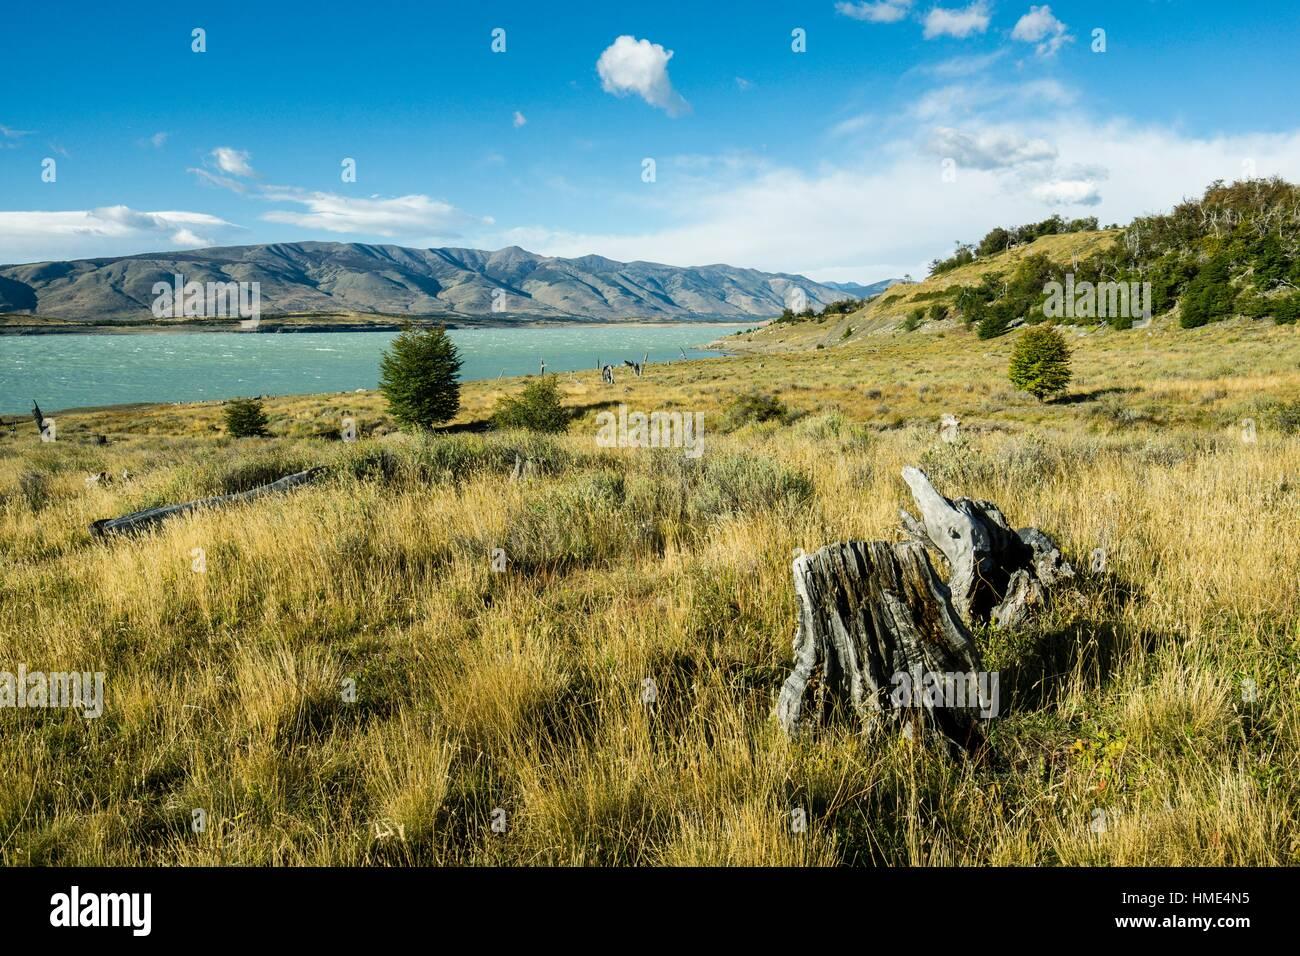 Parque Nacional Los Glaciares, departamento Lago Argentino, provincia de santa cruz, Republica Argentina, Patagonia, Imagen De Stock